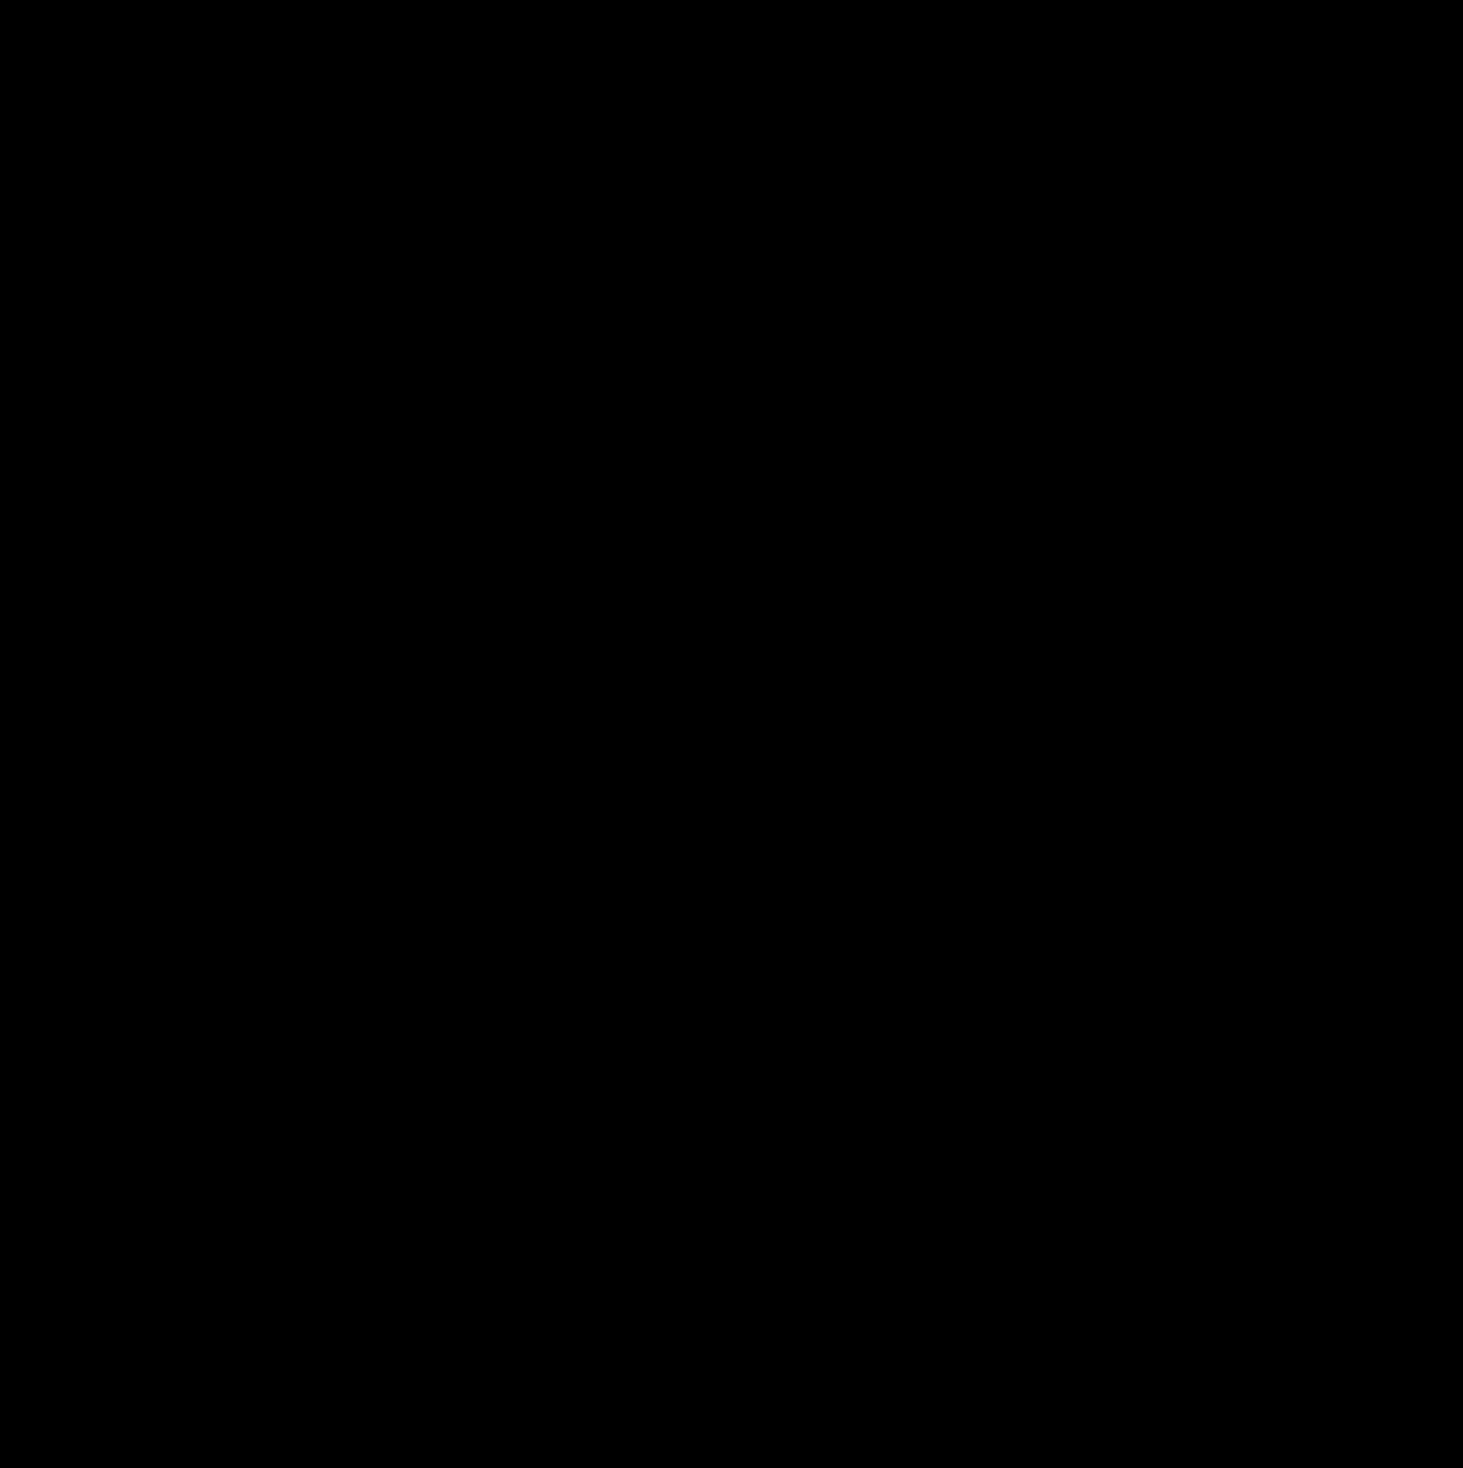 Giatsu katalogas